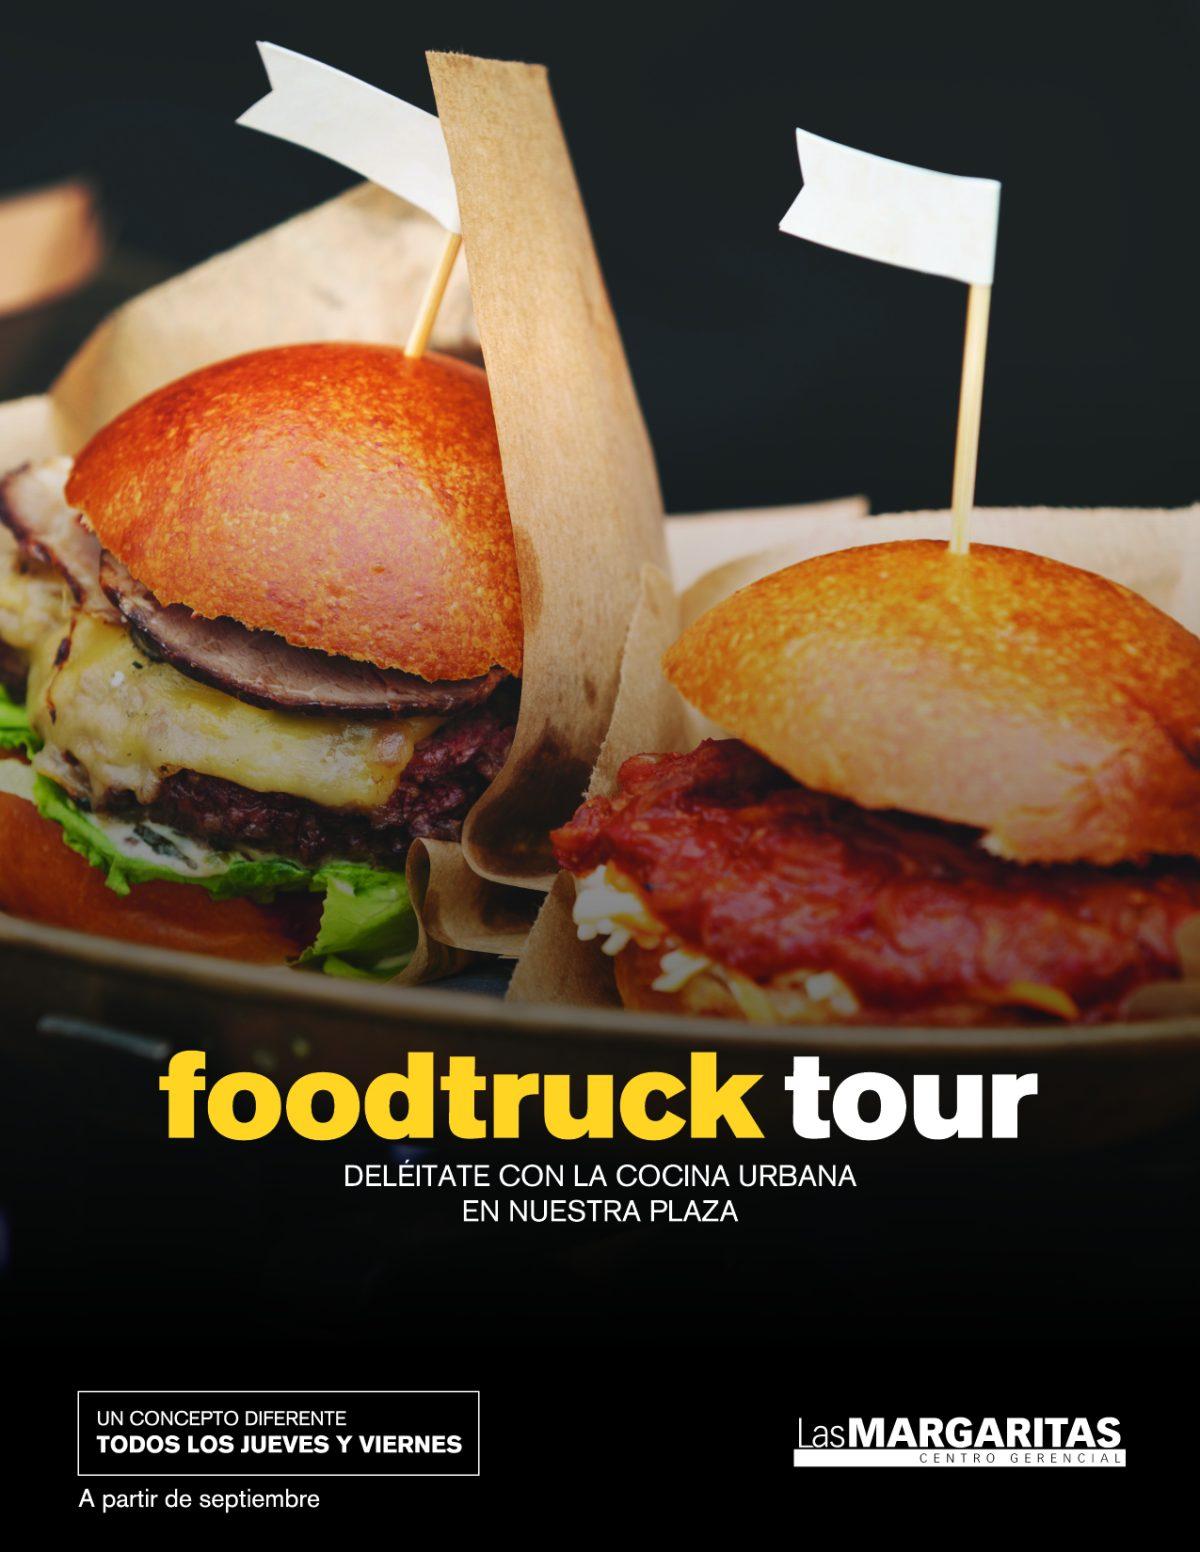 Foodtruck Tour en Centro Gerencial Las Margaritas